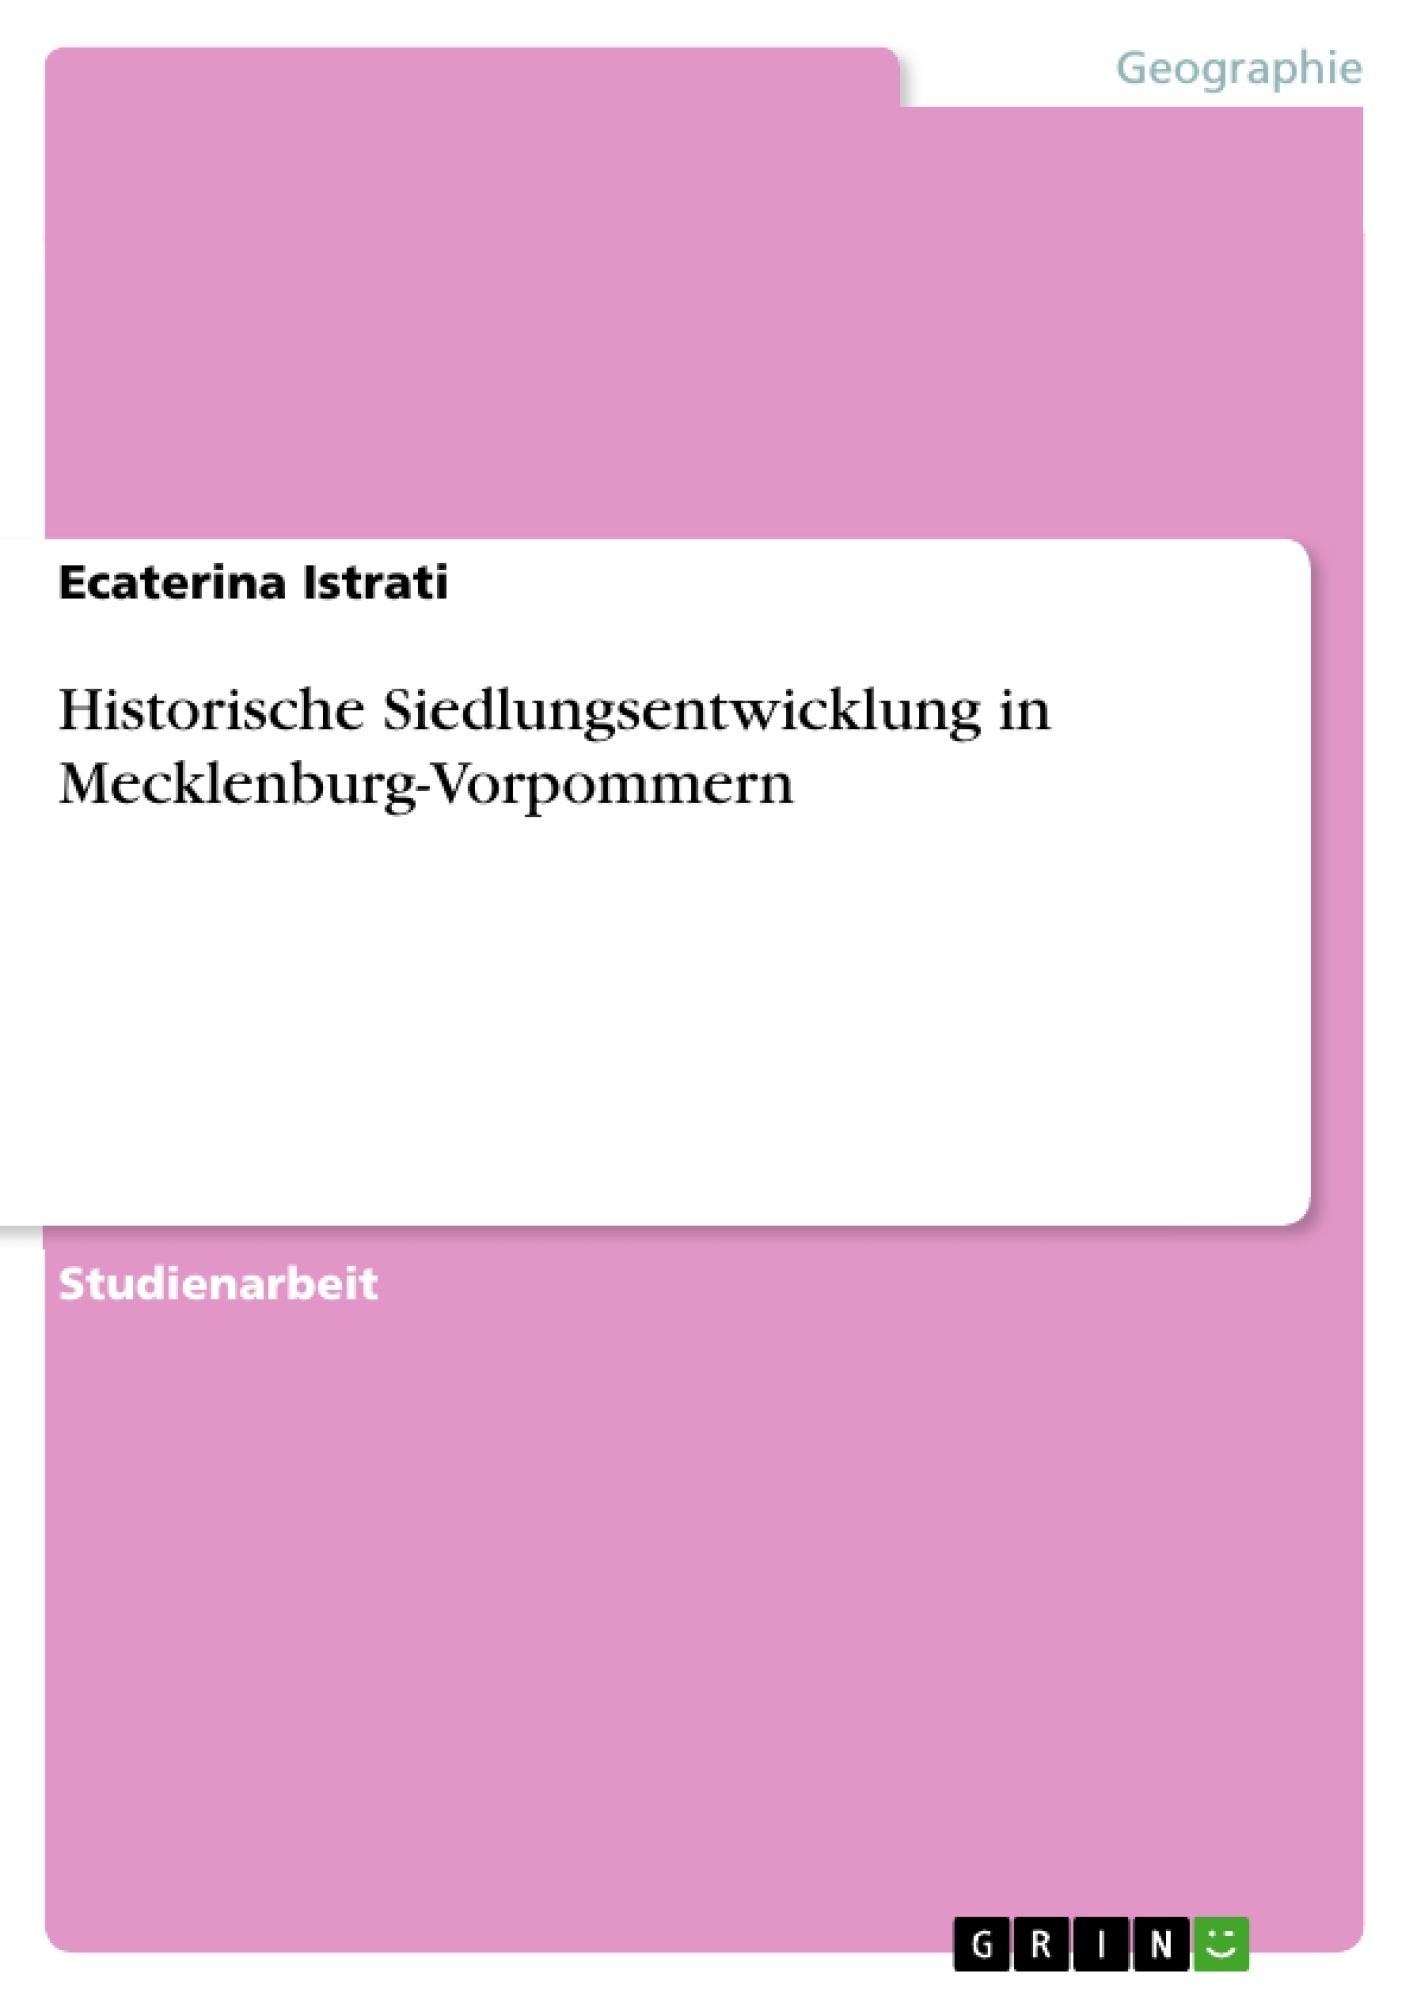 Titel: Historische Siedlungsentwicklung in Mecklenburg-Vorpommern